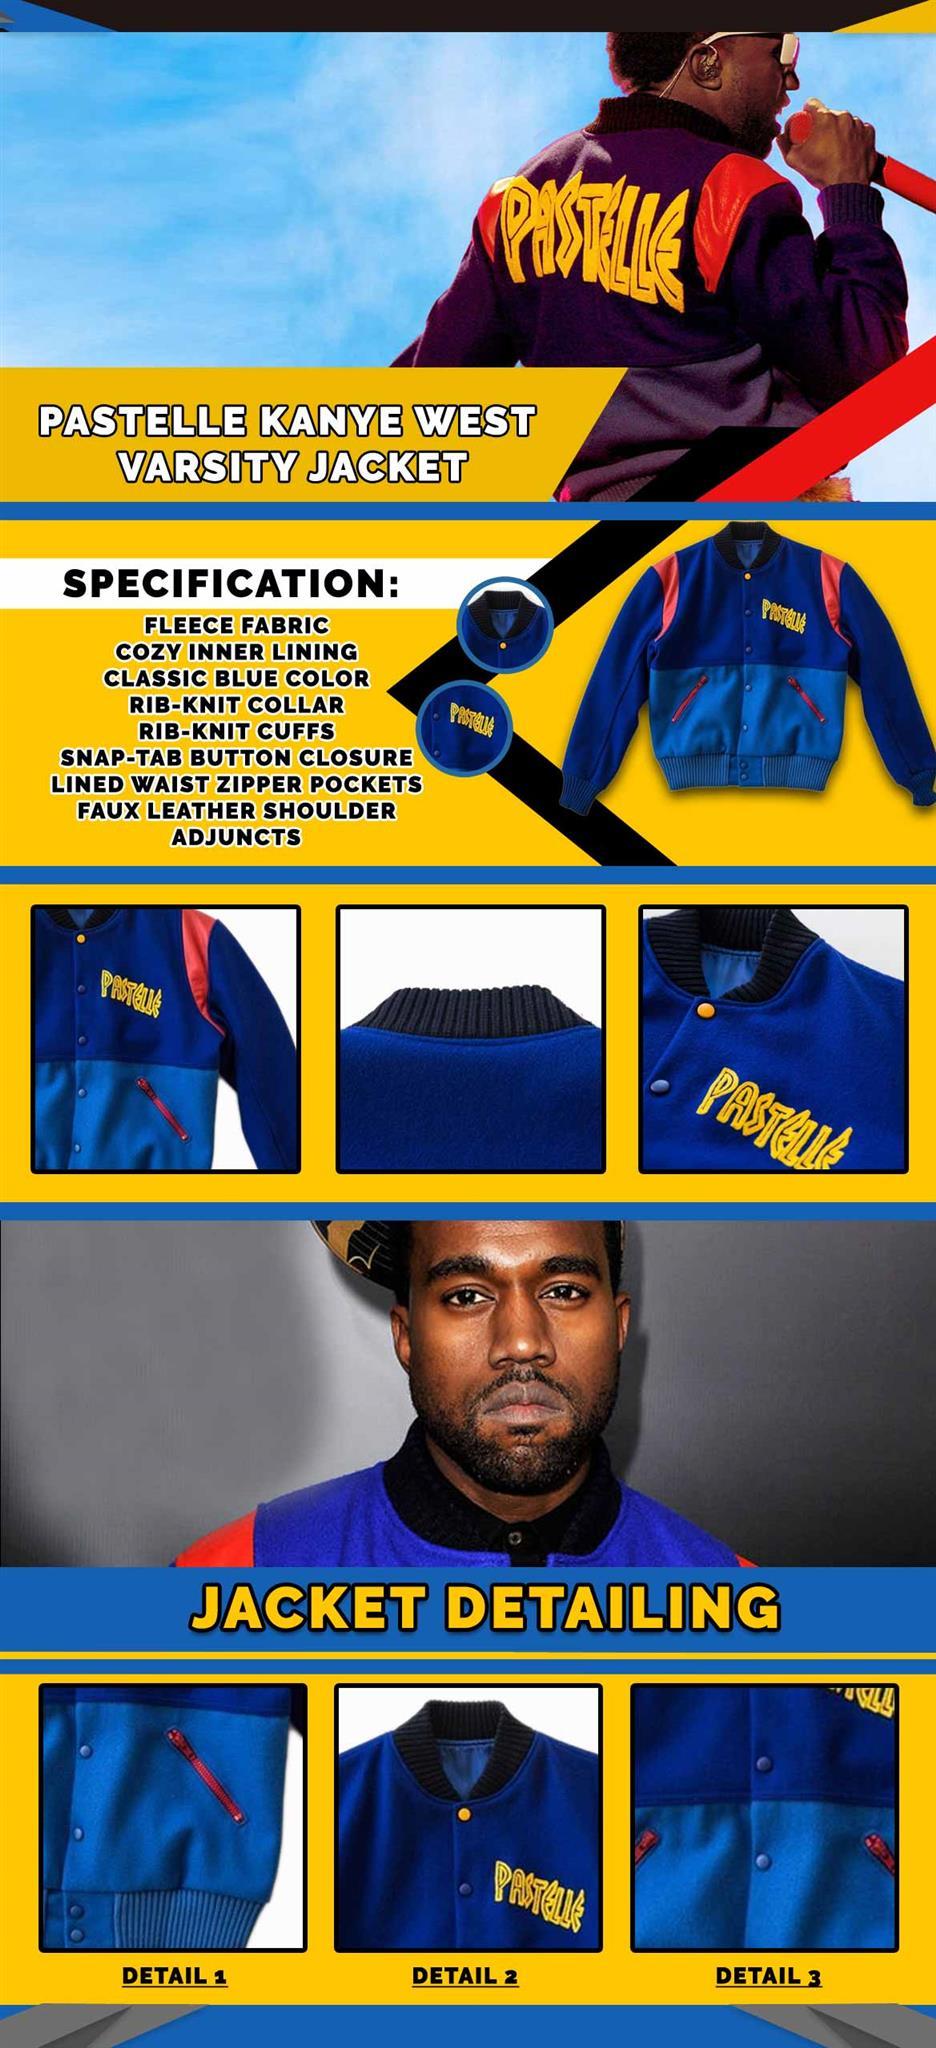 Pastelle-Kanye-West-Varsity-Jacket